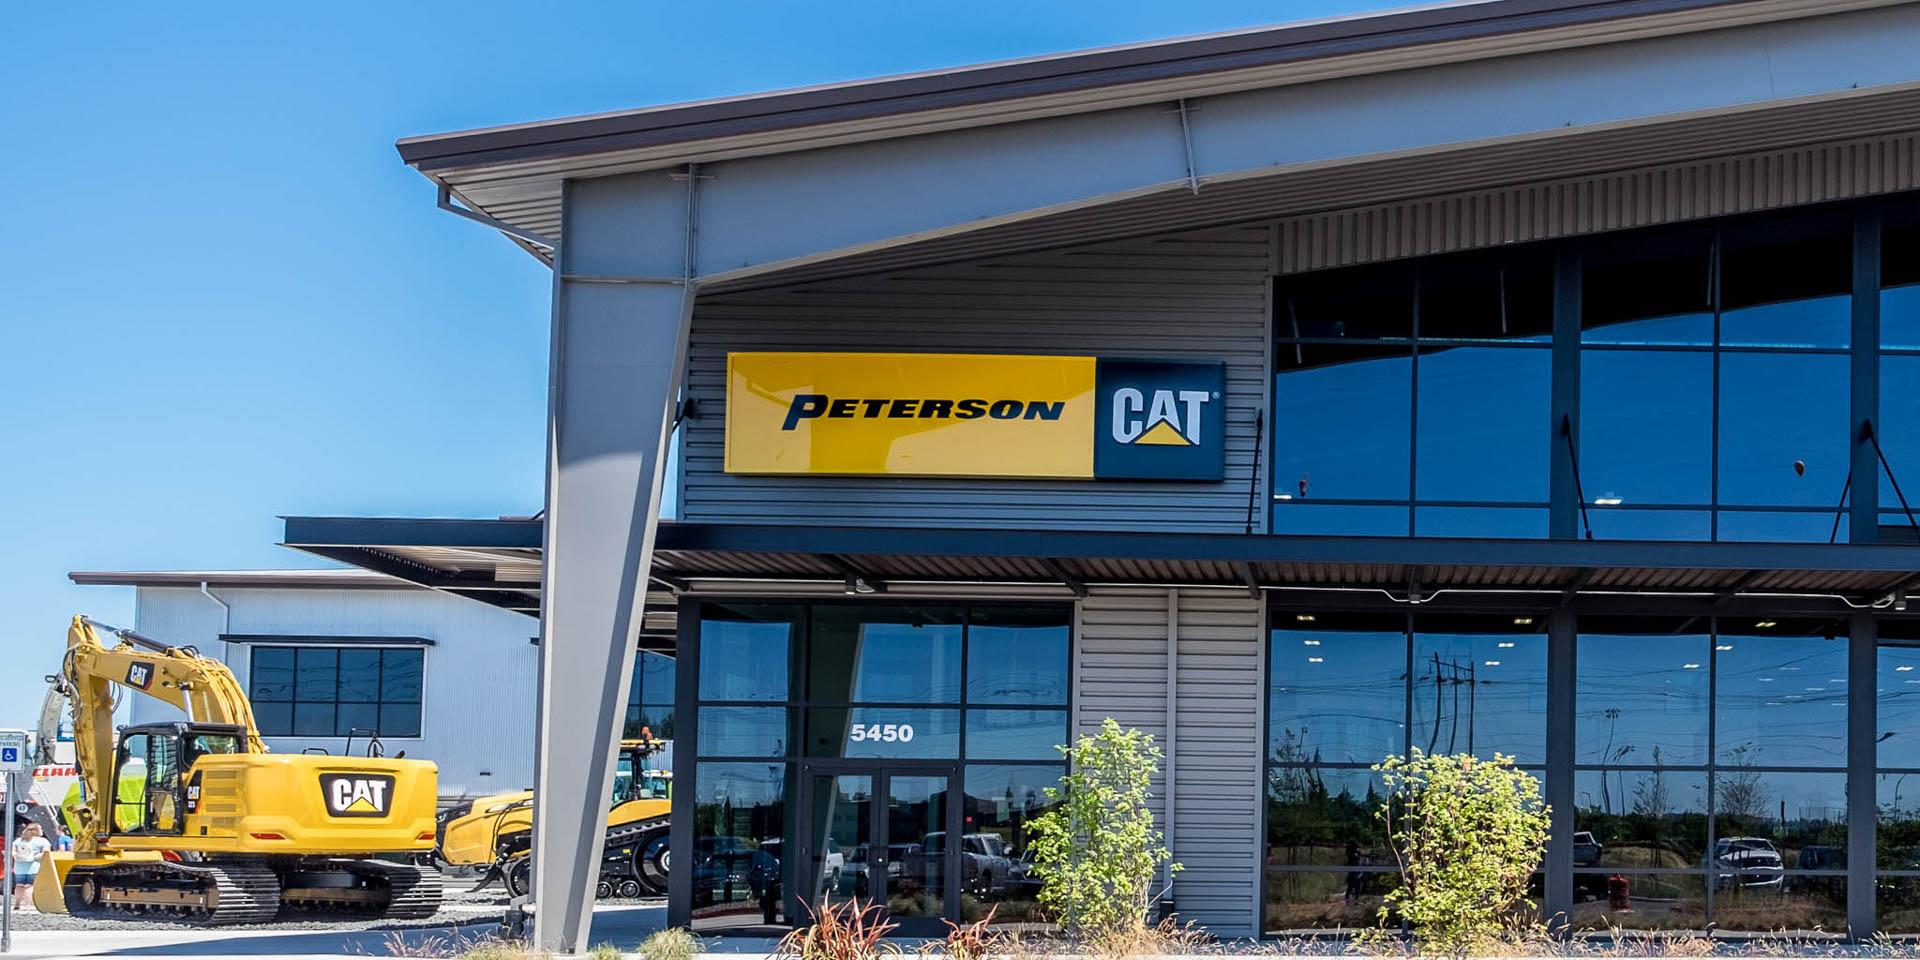 CAT Petersen 002